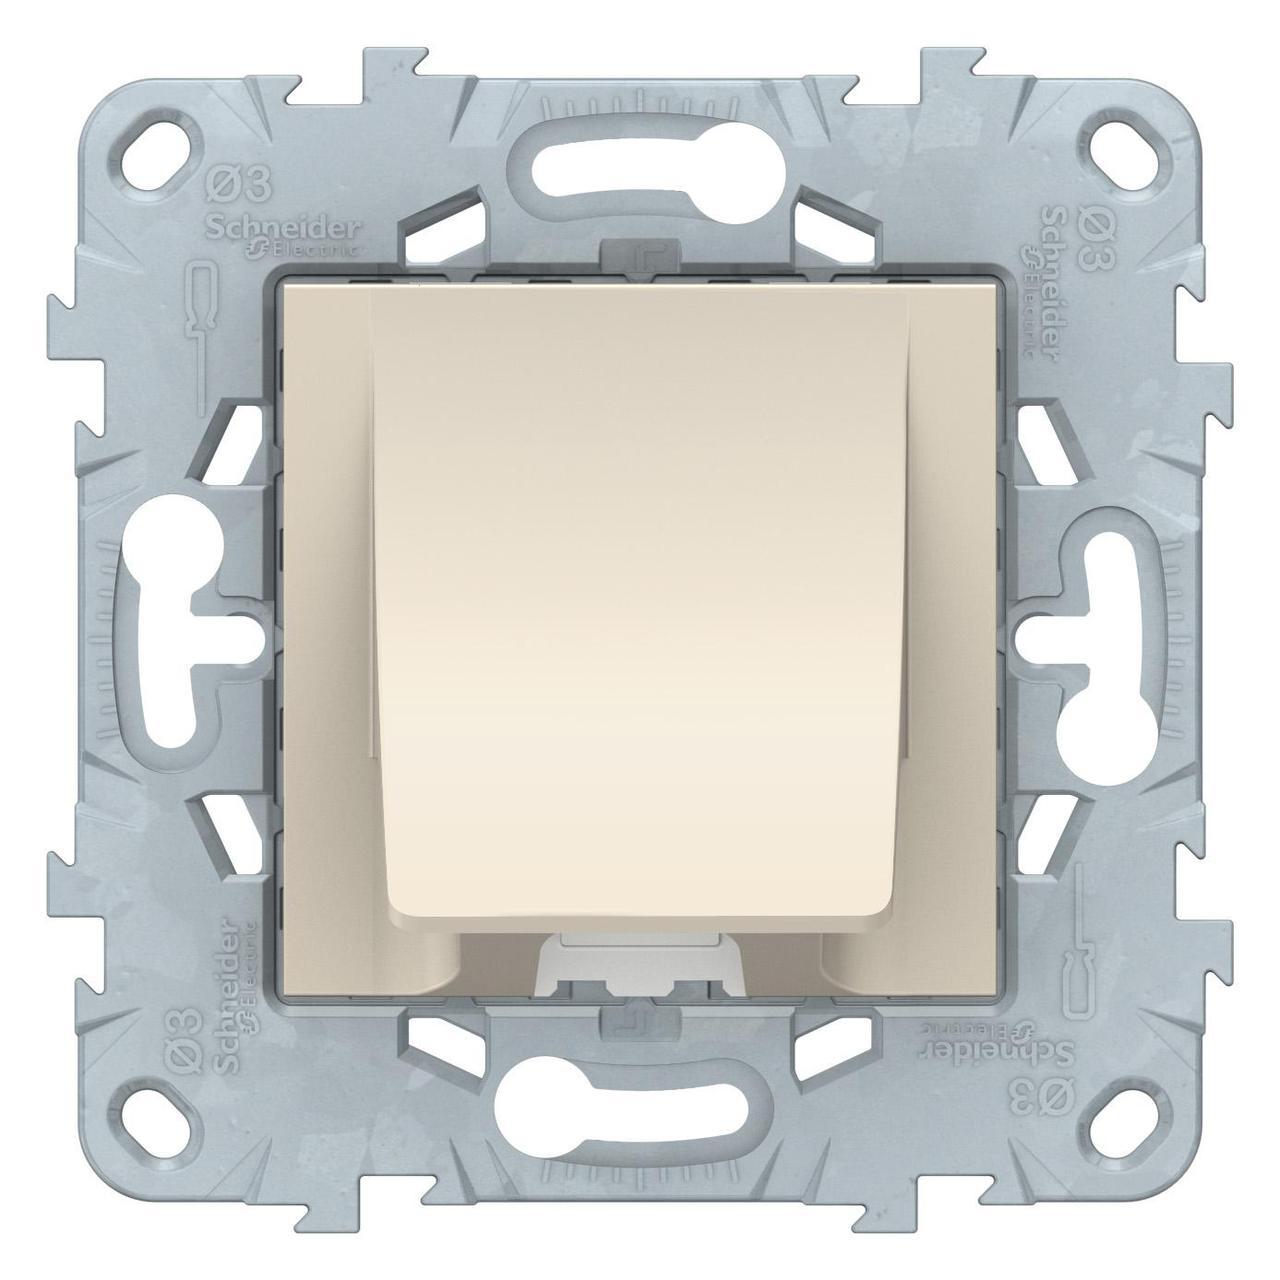 Кабельный вывод , Бежевый, серия Unica New, Schneider Electric